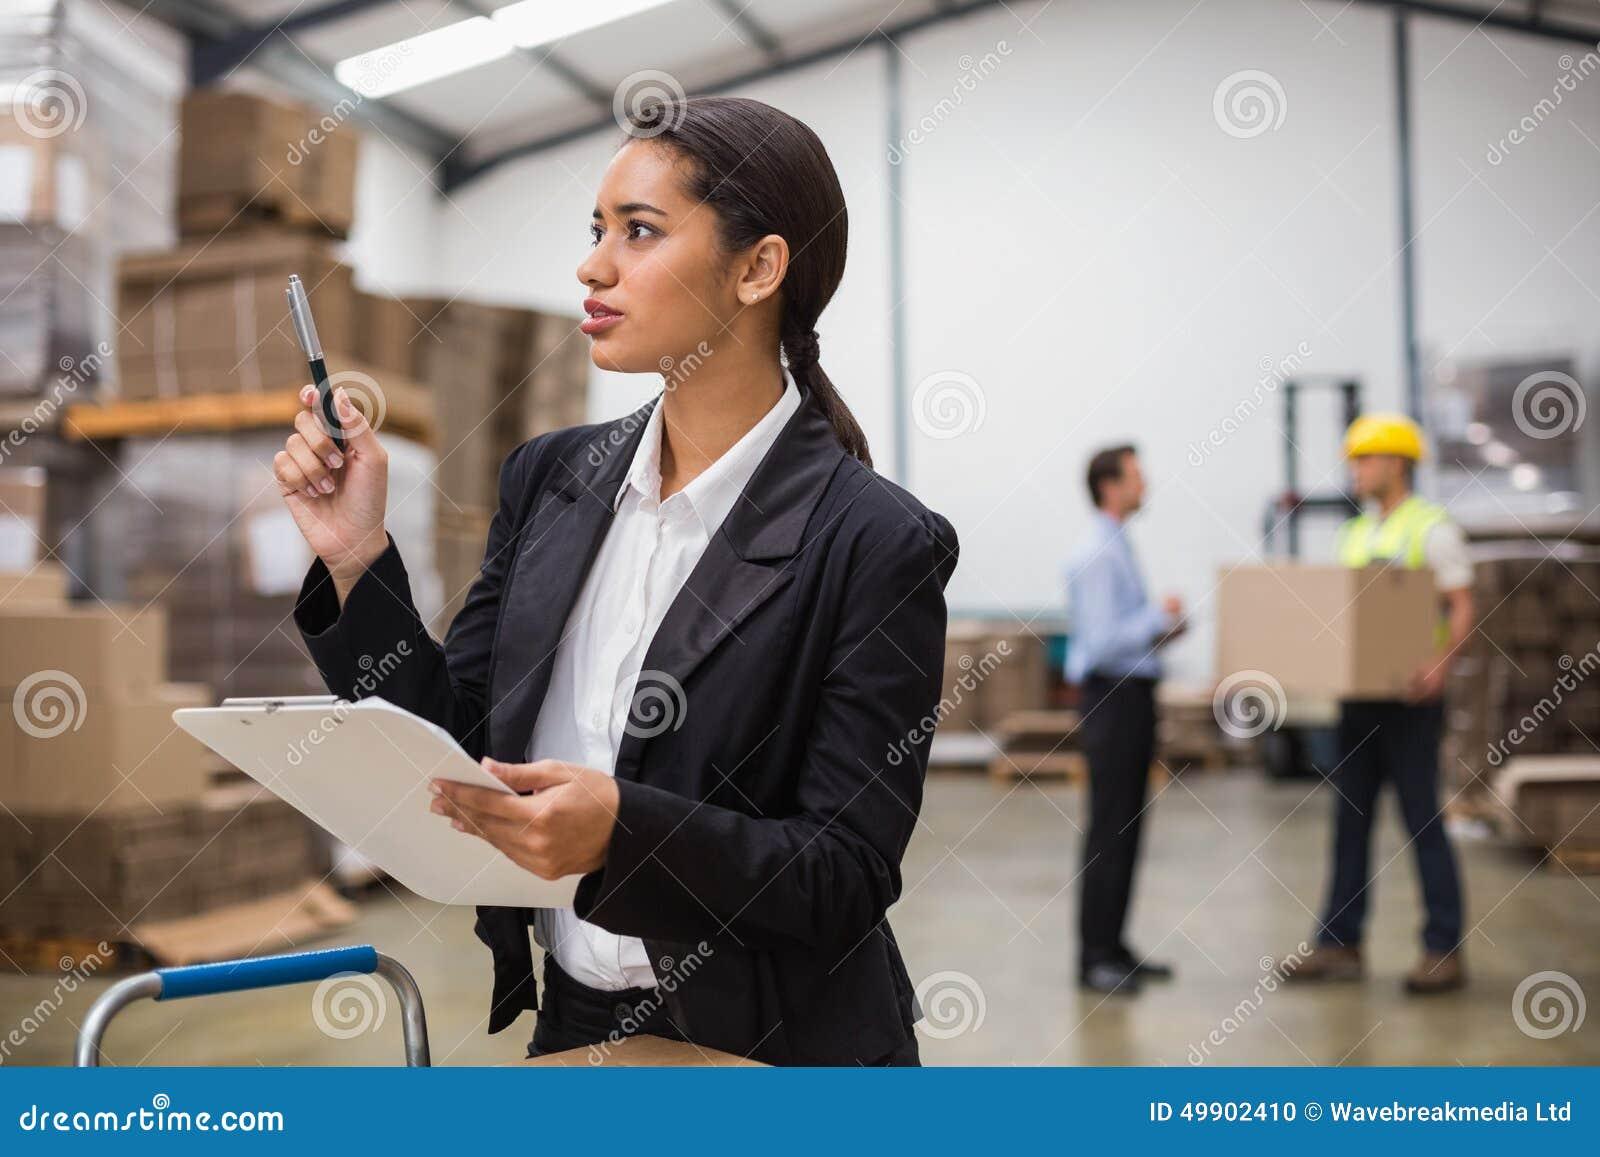 Όμορφος διευθυντής αποθηκών εμπορευμάτων που ελέγχει τον κατάλογο